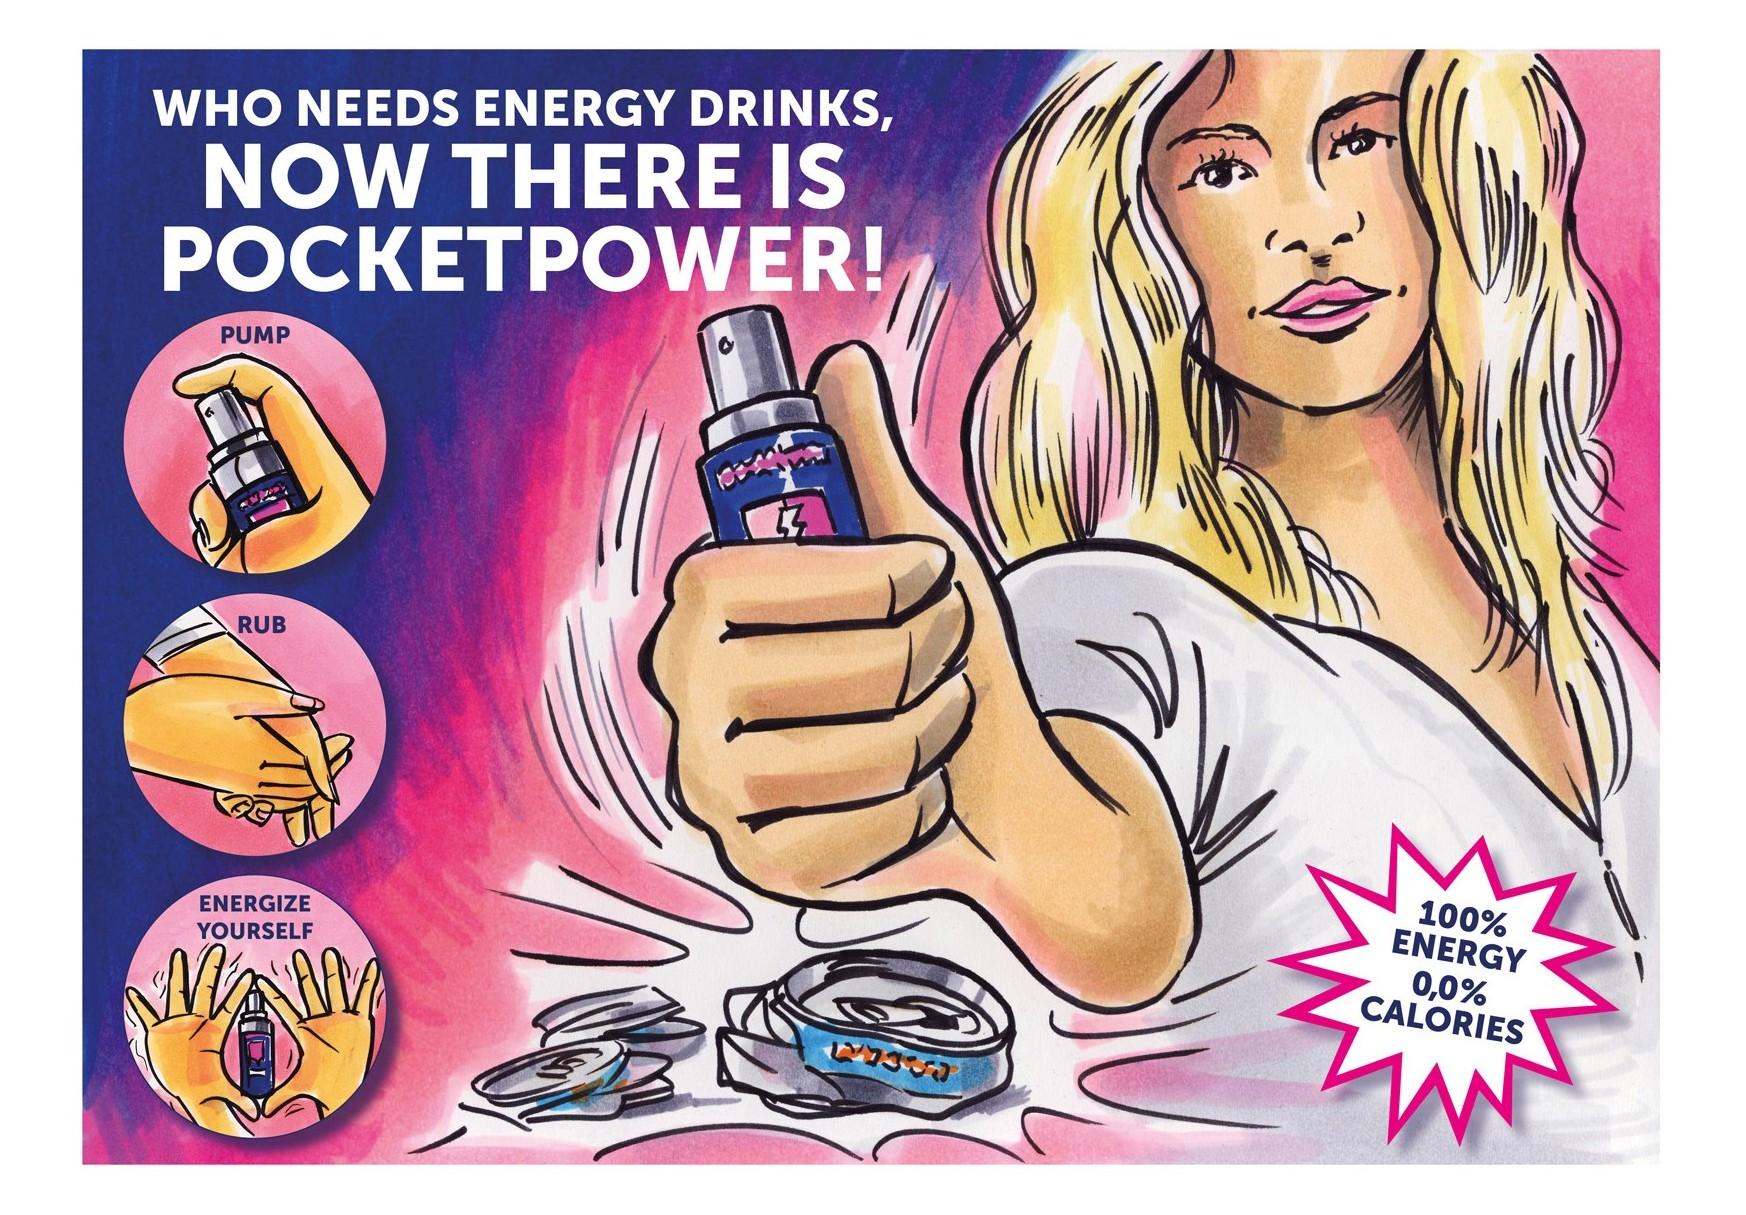 Pockepower_schets